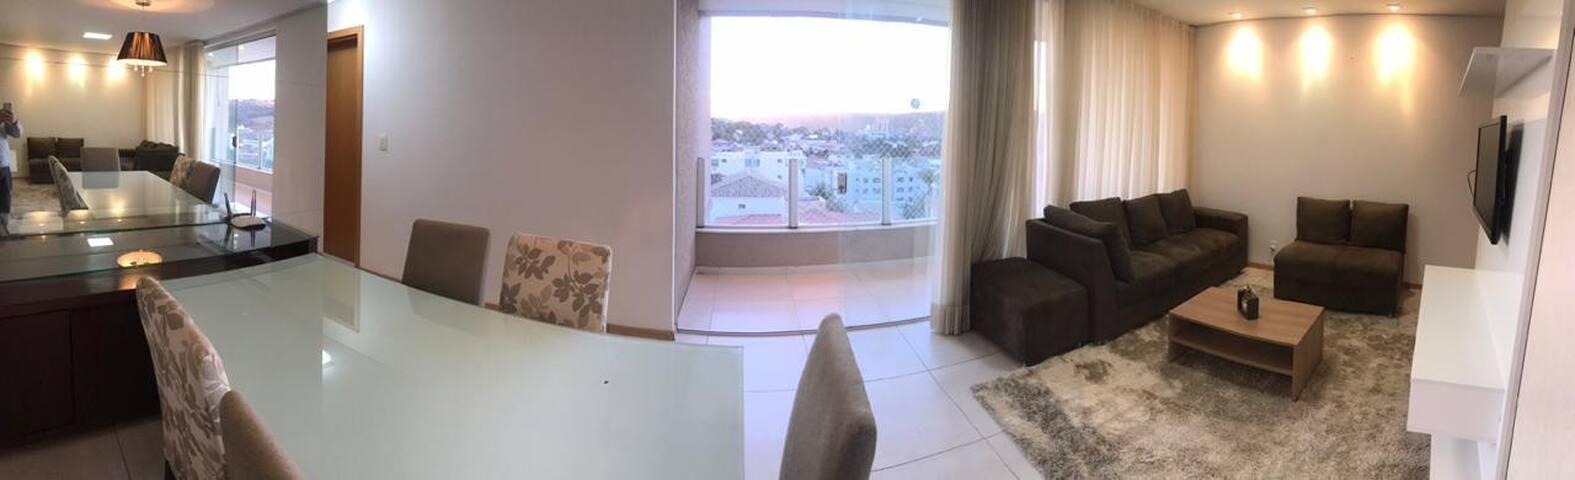 Apartamento completo sem similares na região